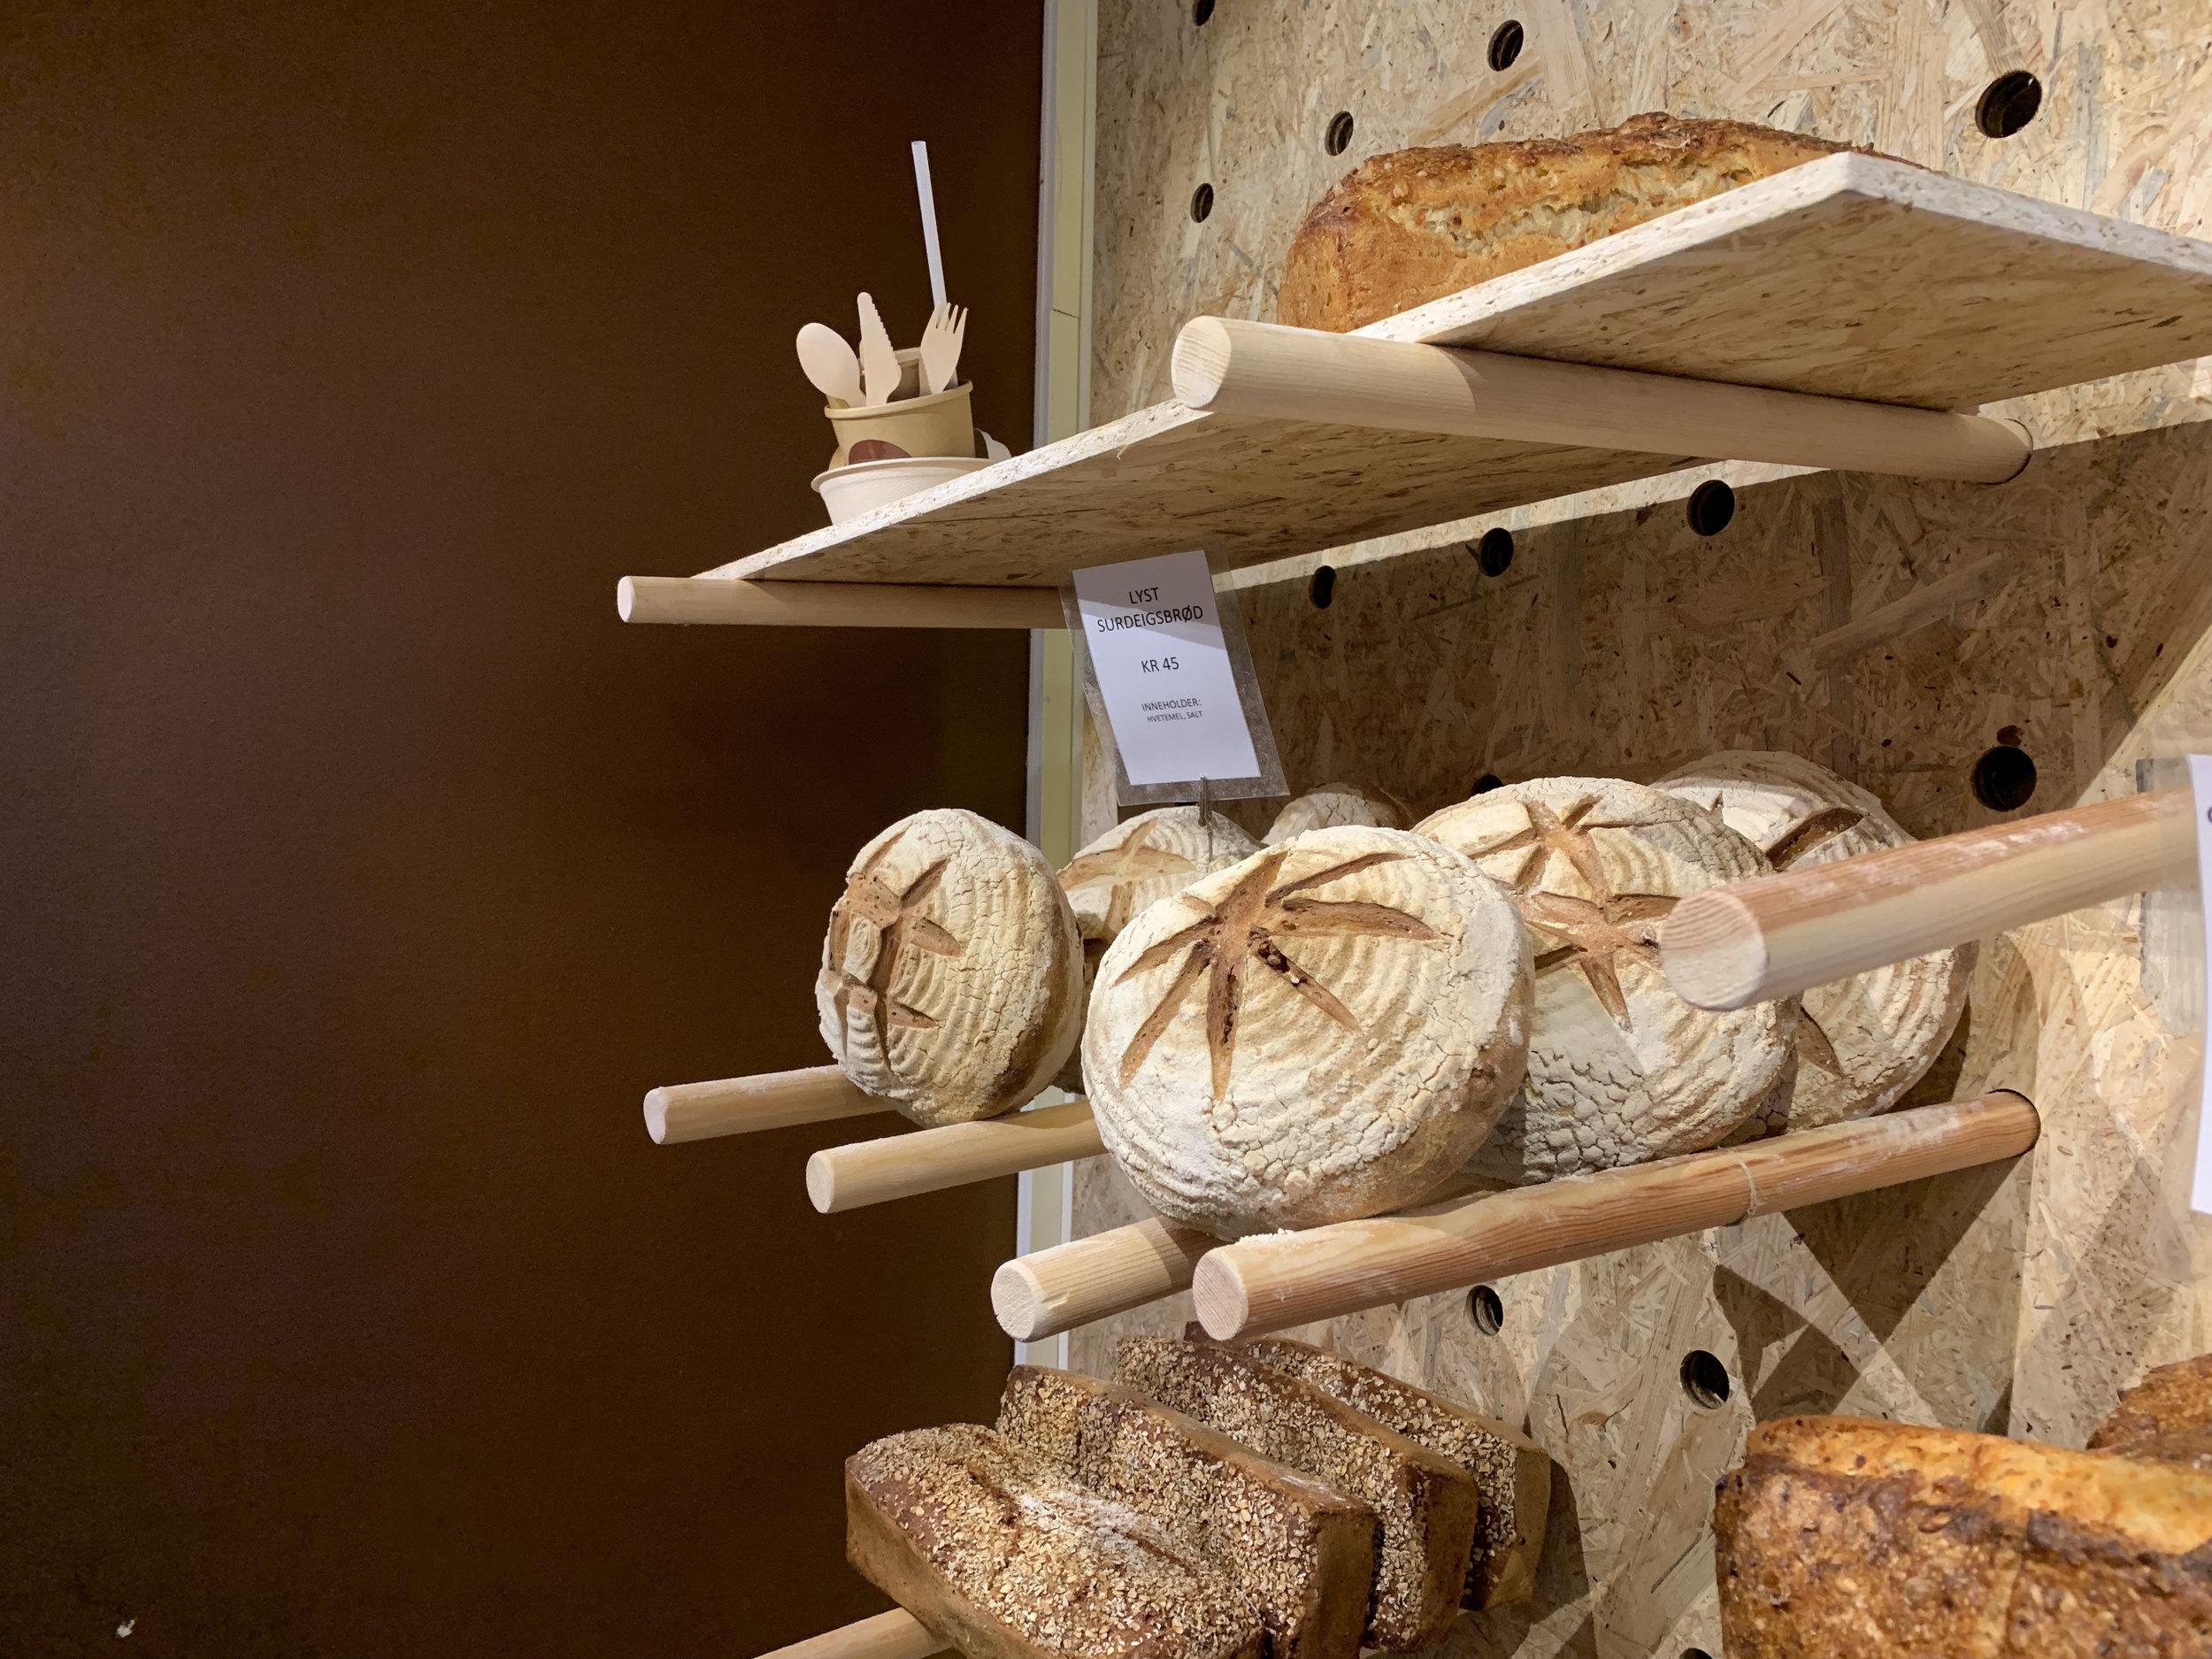 Levering av brød til bedrifter - Gi lunsjen et løft, spar tid og få levert deilige nysteke surdeigsbrød til din bedrift.